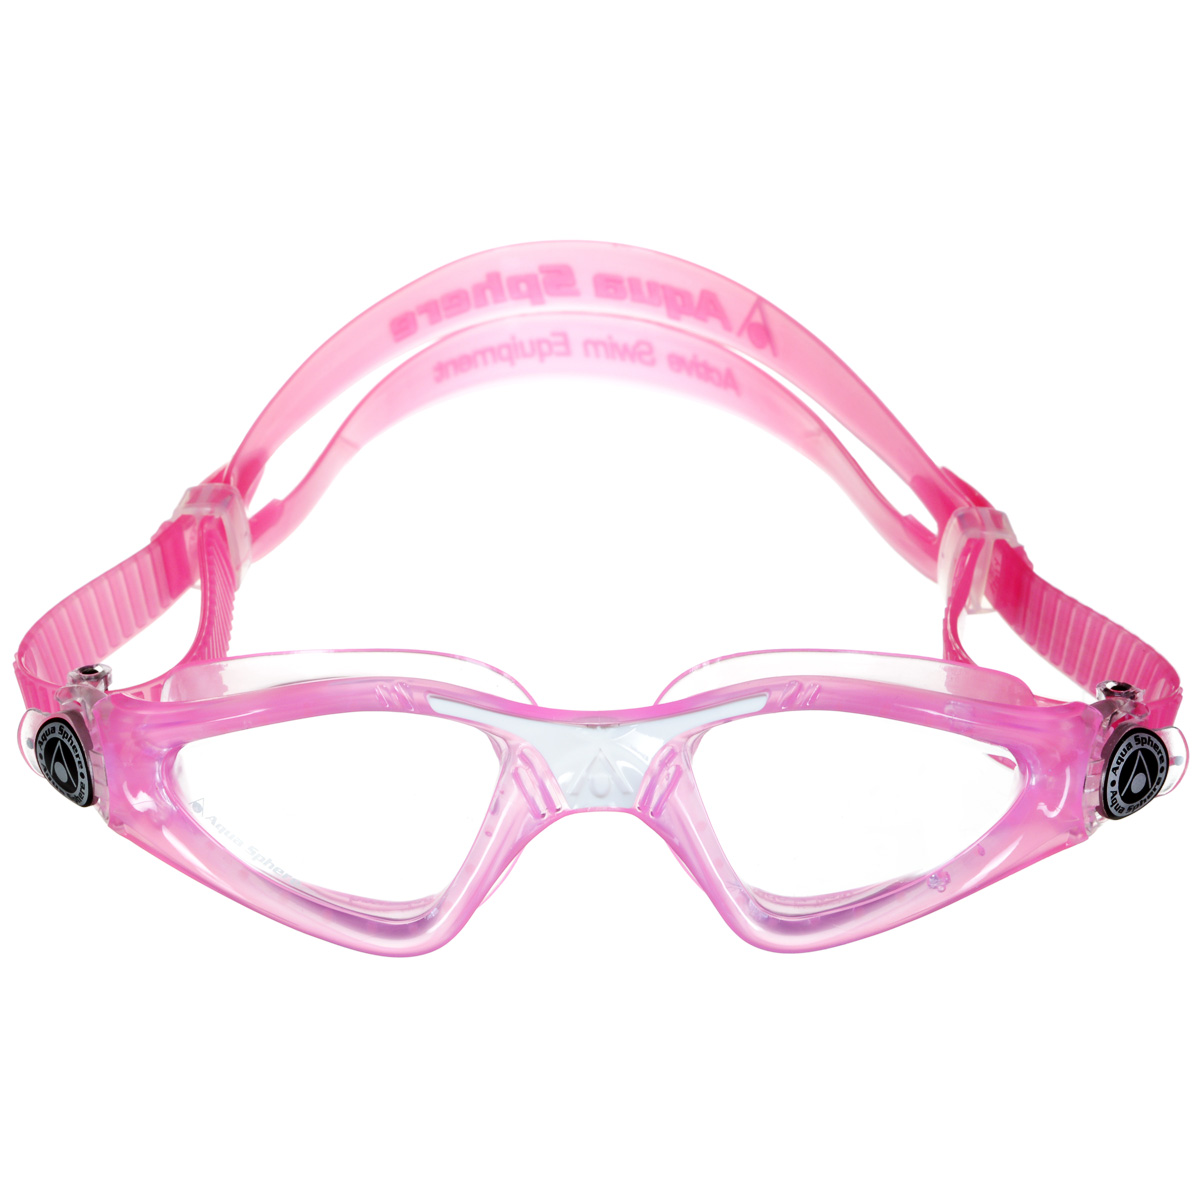 Очки для плавания Aqua Sphere Kayenne Junior, цвет: розовый, белыйJ504N-9093Детские очки для плавания Aqua Sphere Kayenne Junior идеально подходят для плавания в бассейне или открытой воде. Оснащены линзами с антизапотевающим покрытием, которые устойчивы к появлению царапин. Мягкий комфортный обтюратор плотно прилегает к лицу.Запатентованные изогнутые линзы дают прекрасный обзор на 180° - без искажений. Рамка имеет гидродинамическую форму. Очки оснащены удобными быстрорегулируемыми пряжками.Детский вариант популярных очков для плавания Kayenne, сохраняет все лучшее от взрослой модели:Мягкую не травмирующую обтюрацию.Увеличенную линзу.Удобную регулировку ремешков.Расцветка и дизайн обязательно понравятся вашему ребенку!Материал: софтерил, plexisol.